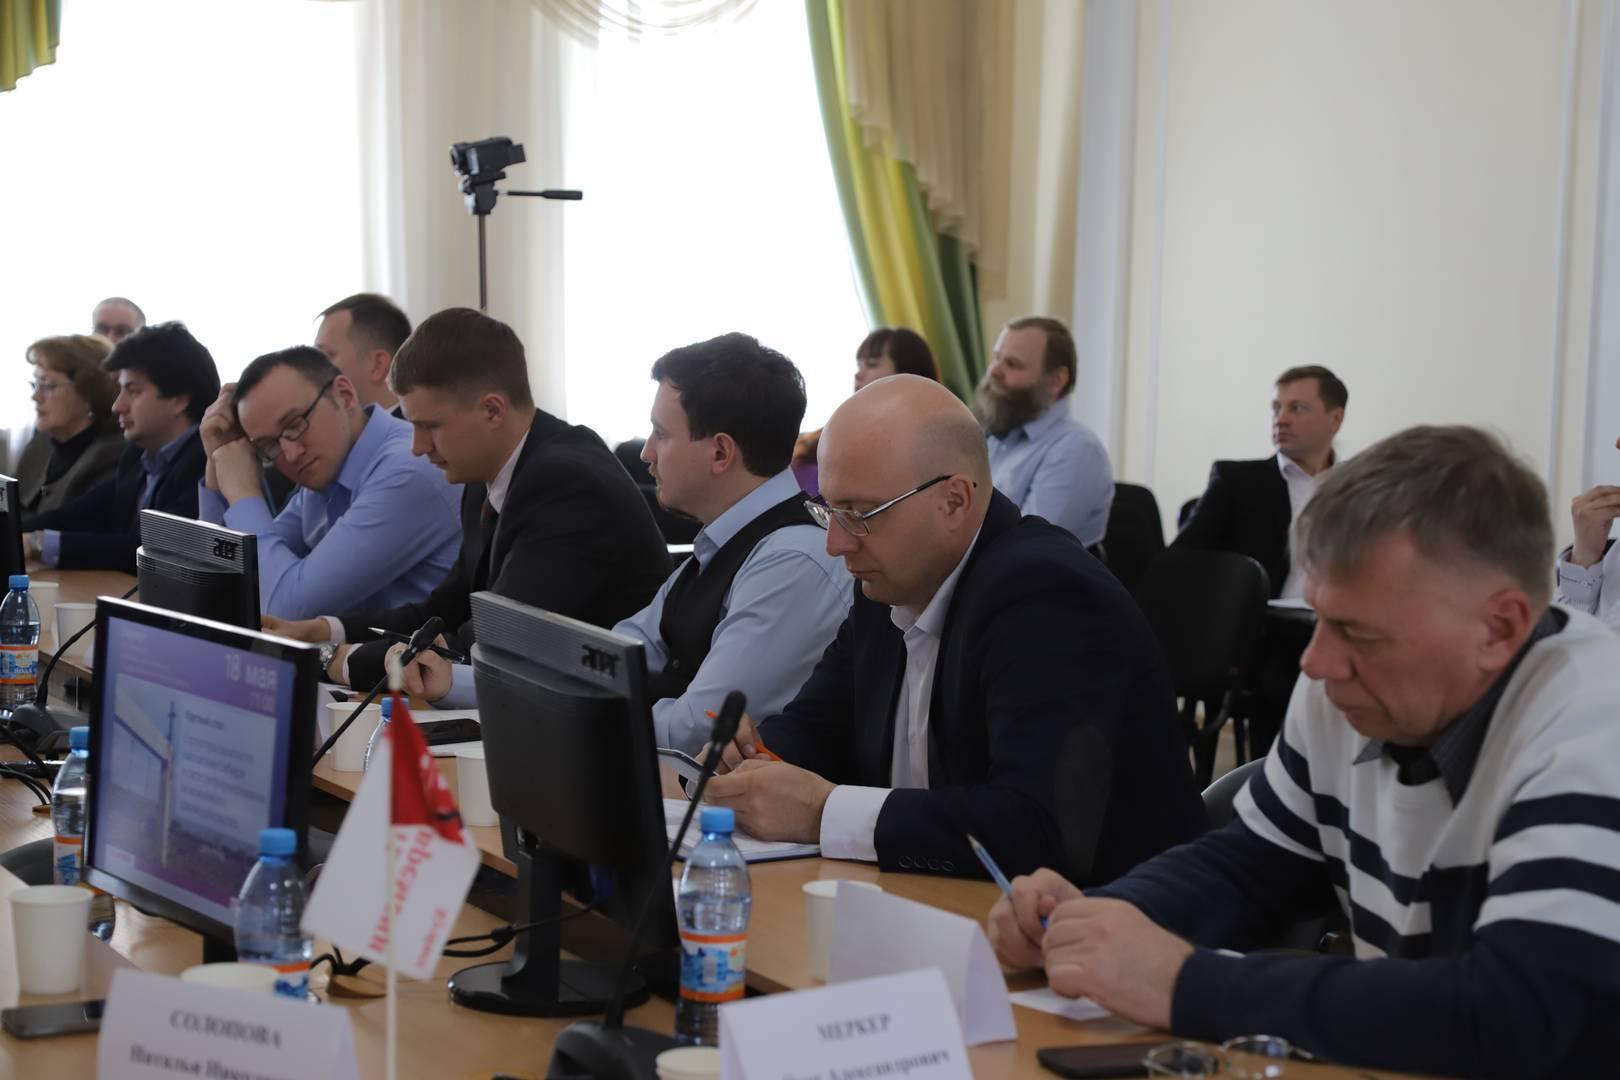 Круглый стол в Барнауле, 18 мая 2019 г.